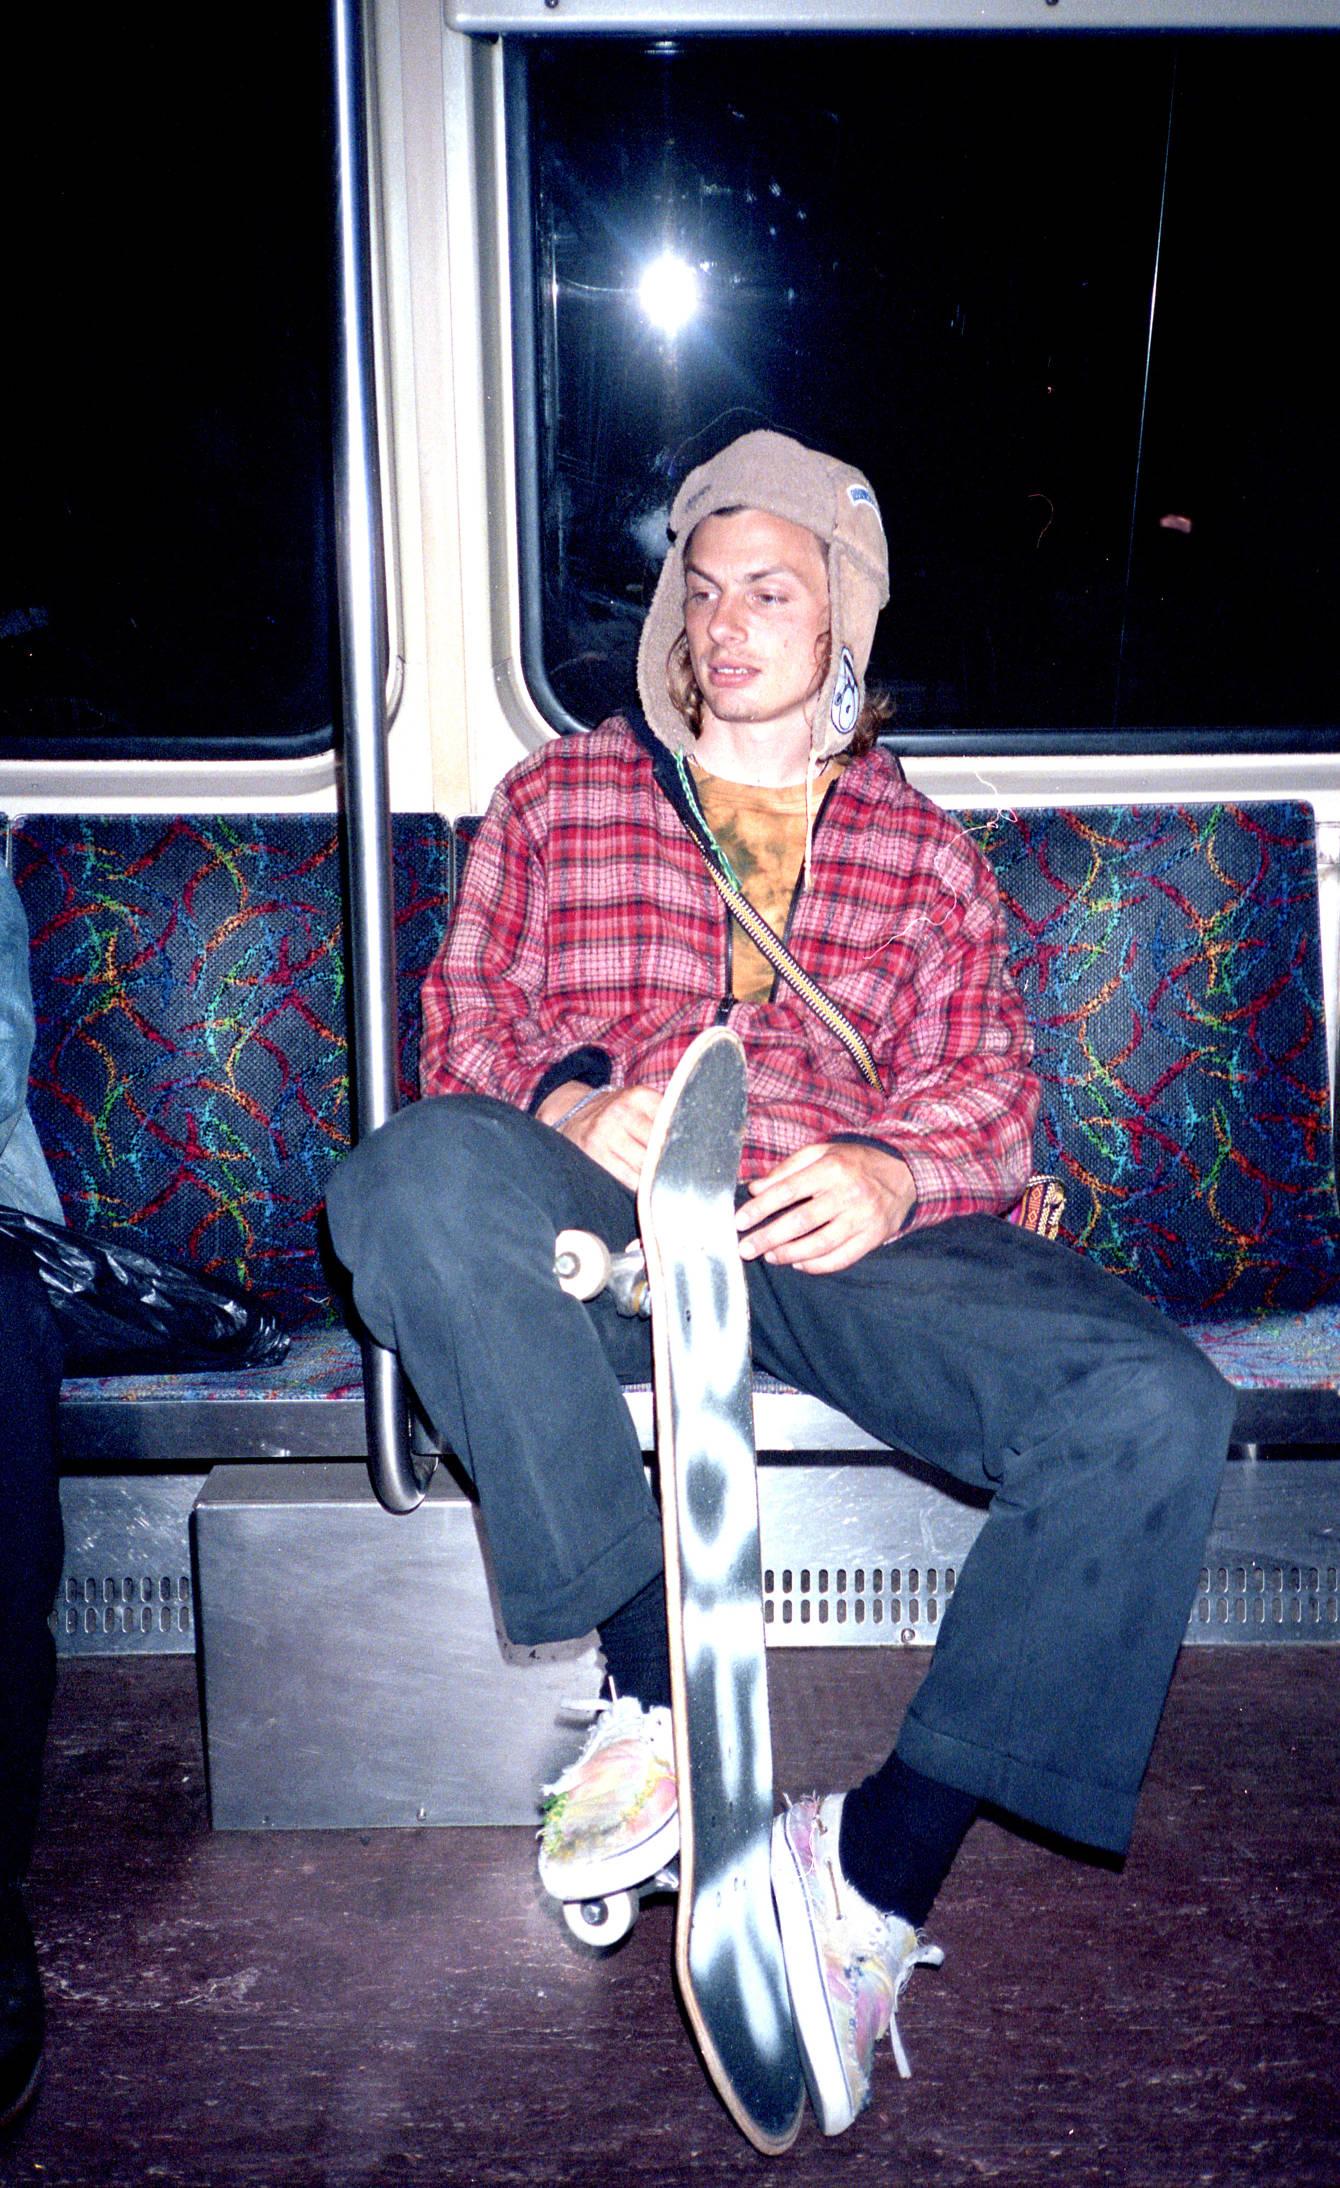 Jesse_trainride_2x.jpg